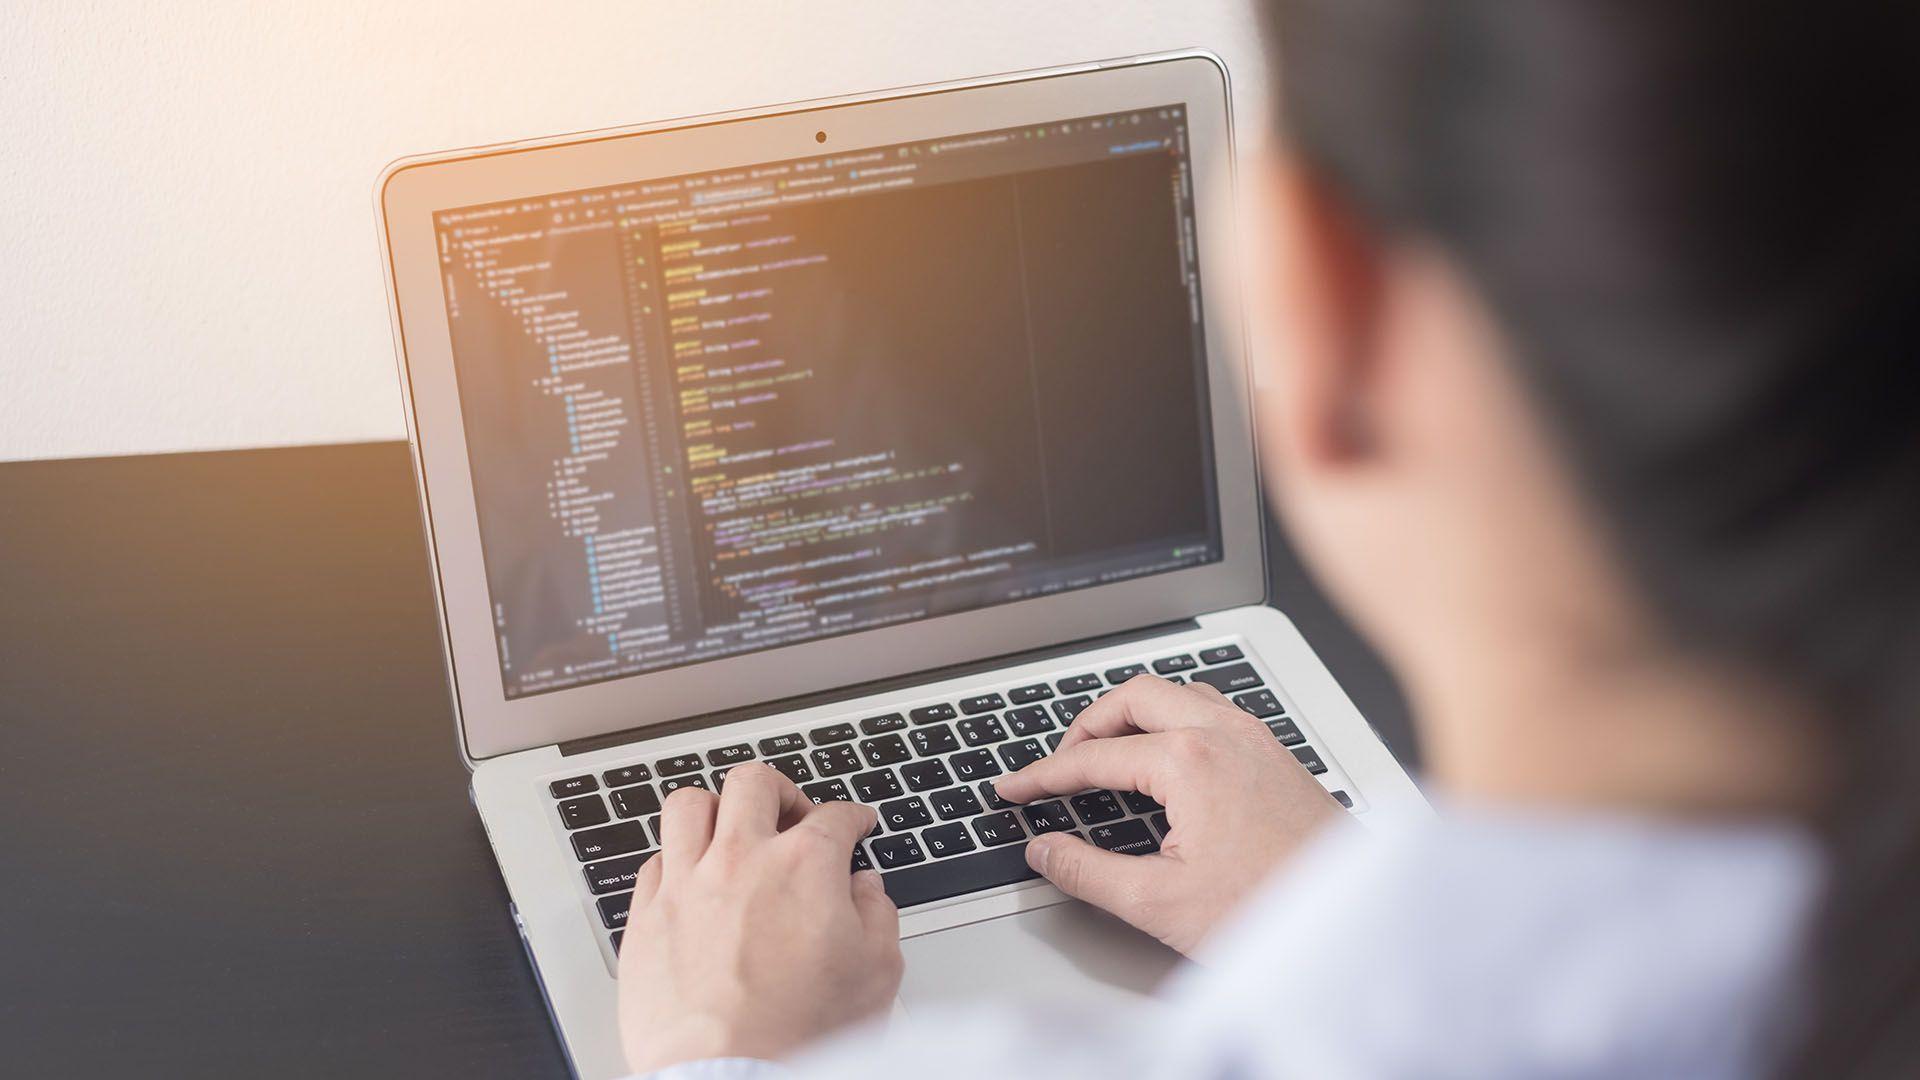 adolescente niña chica programando computadora